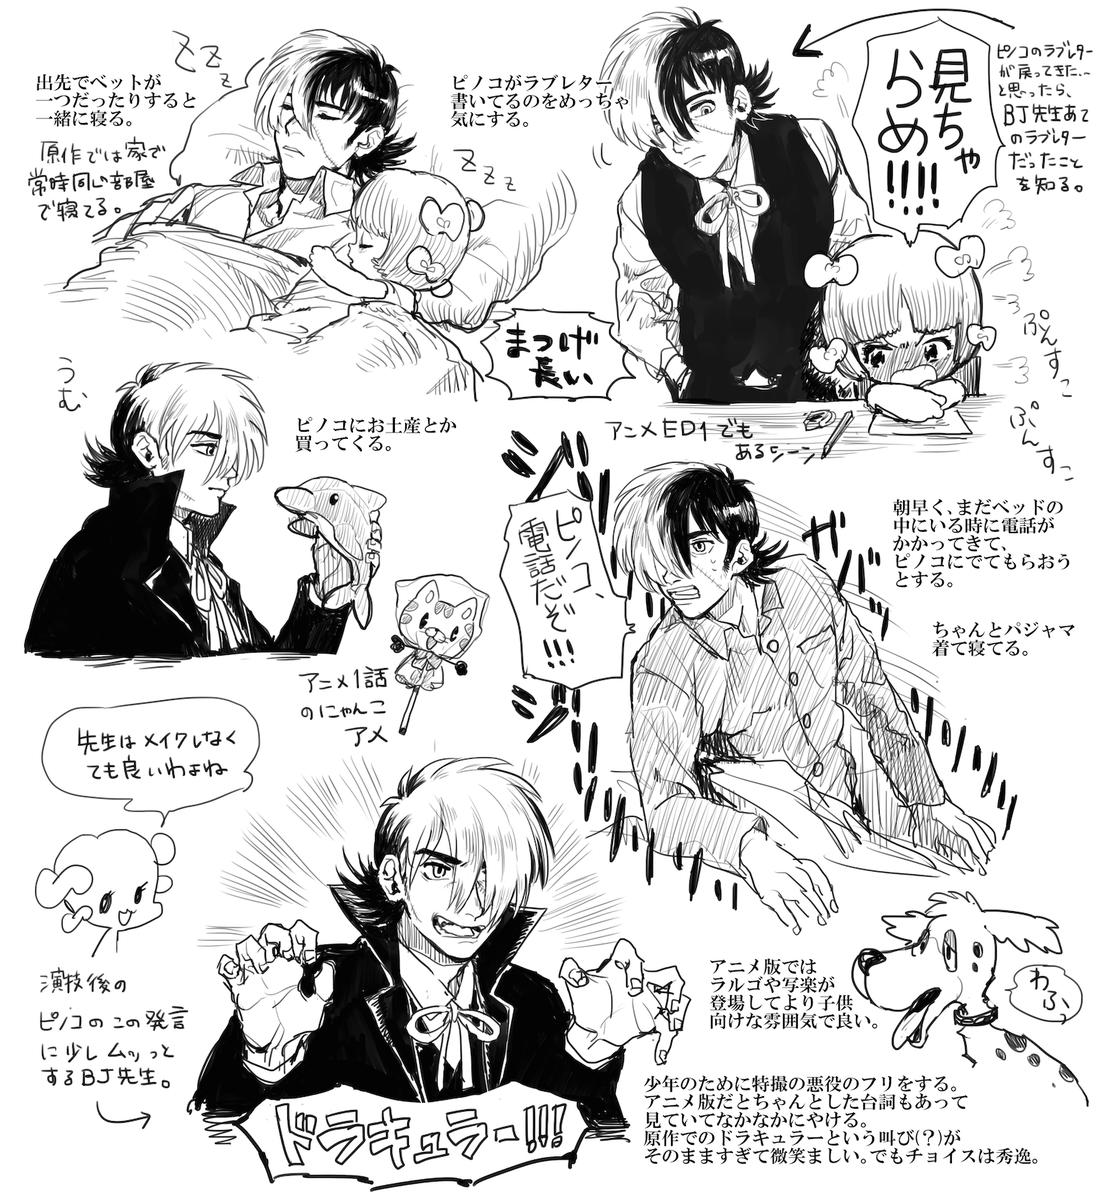 ブラックジャック先生とピノコの胸熱ポイント集めました。描いてみて改めてわかる間夫婦の愛おしさ。※原作とアニメのネタが混同しています。